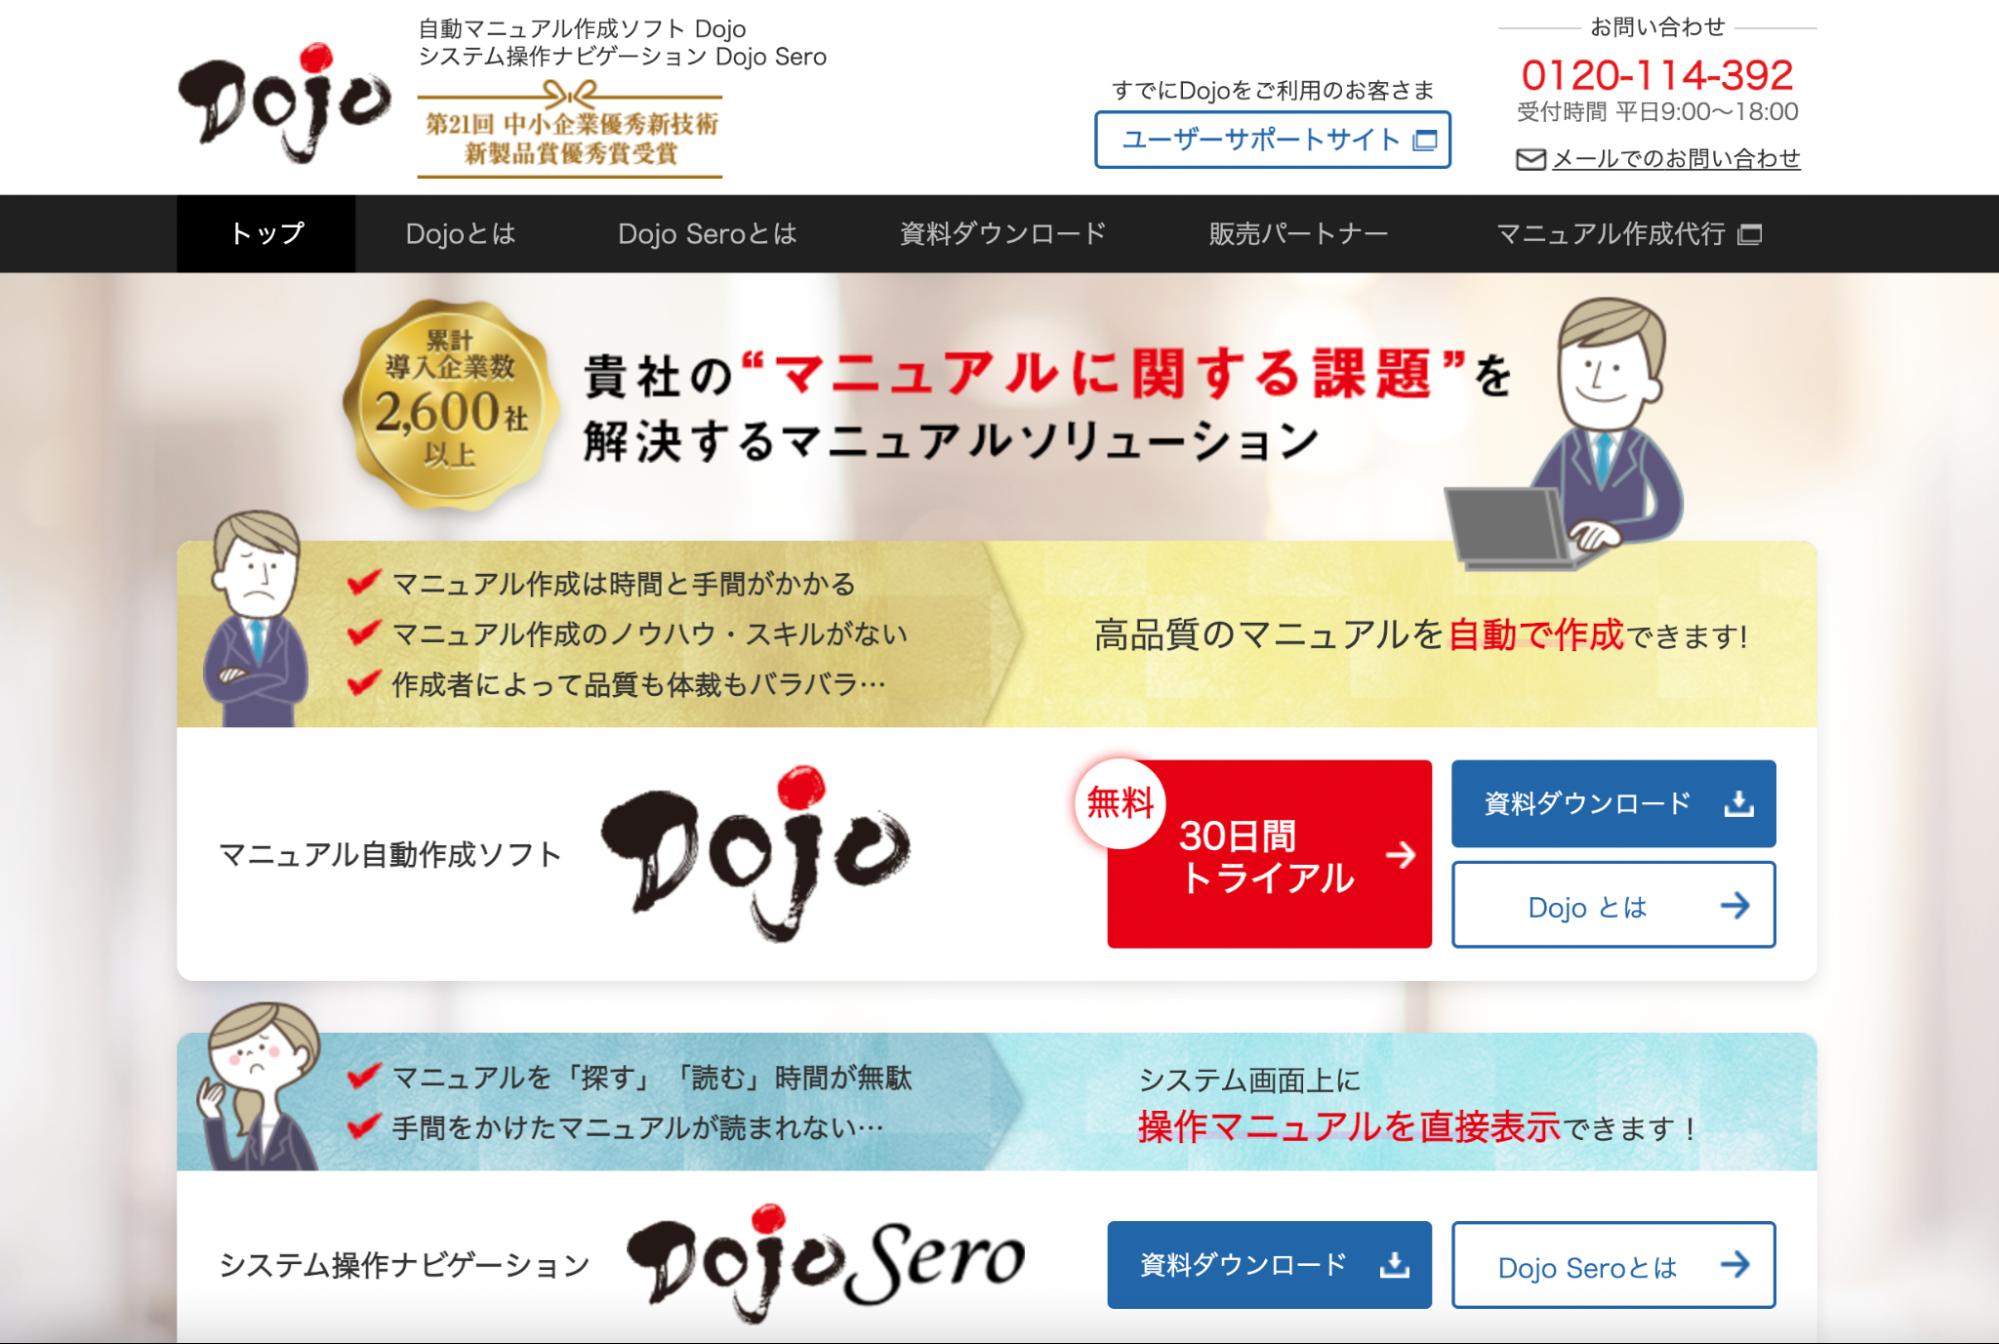 dojoのWebサイトトップ画面